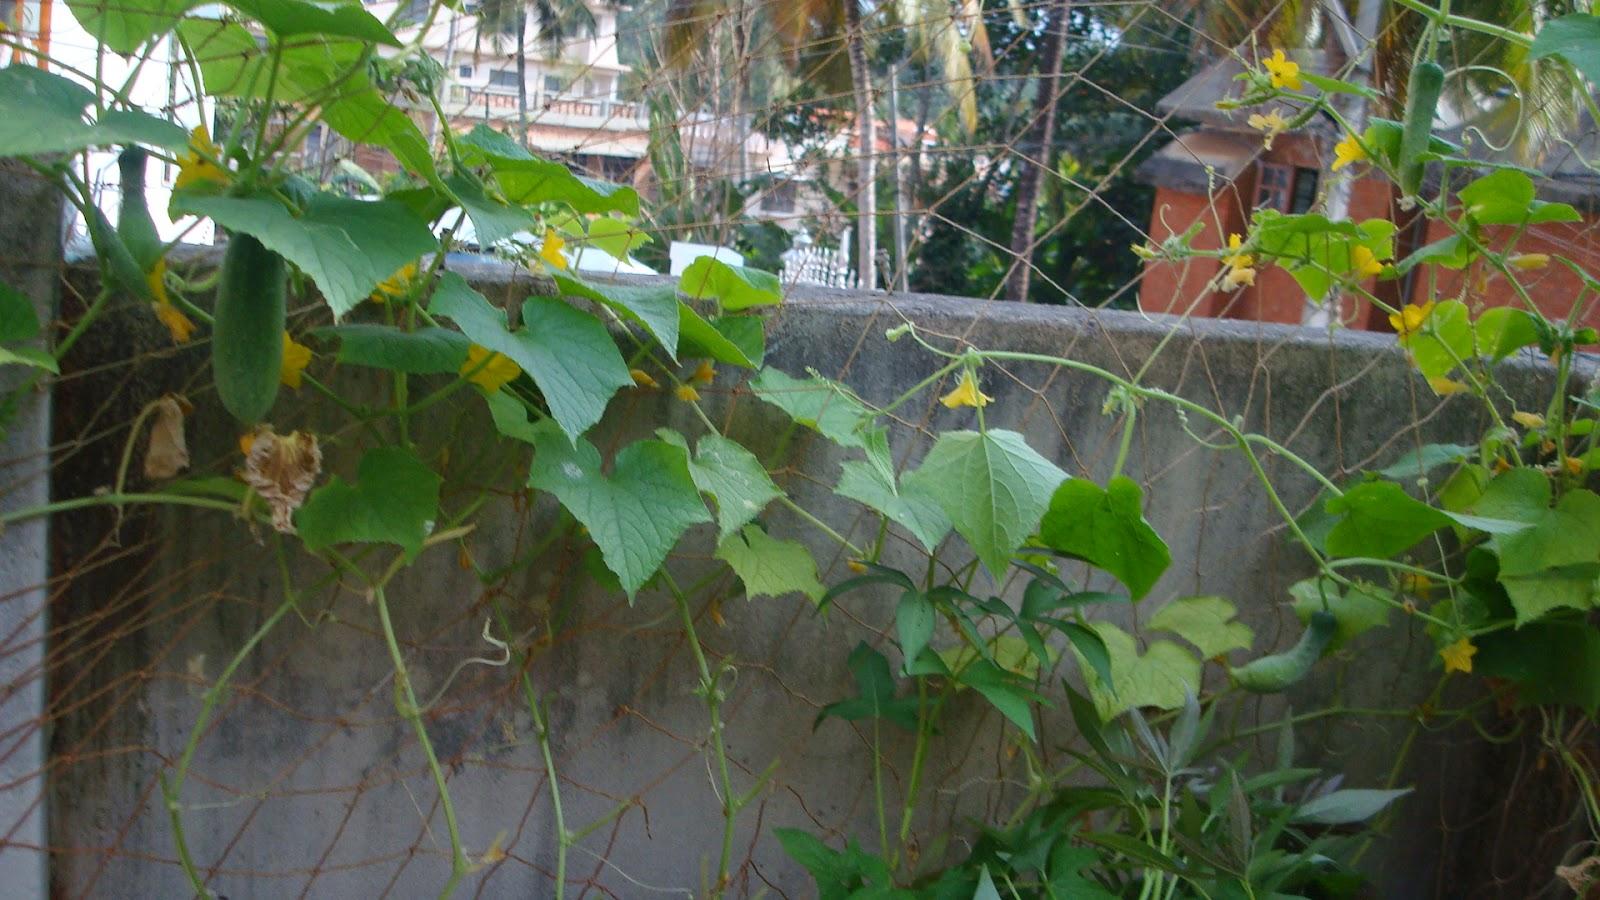 Keralaponics aquaponics fish and plants for Fish and plants in aquaponics